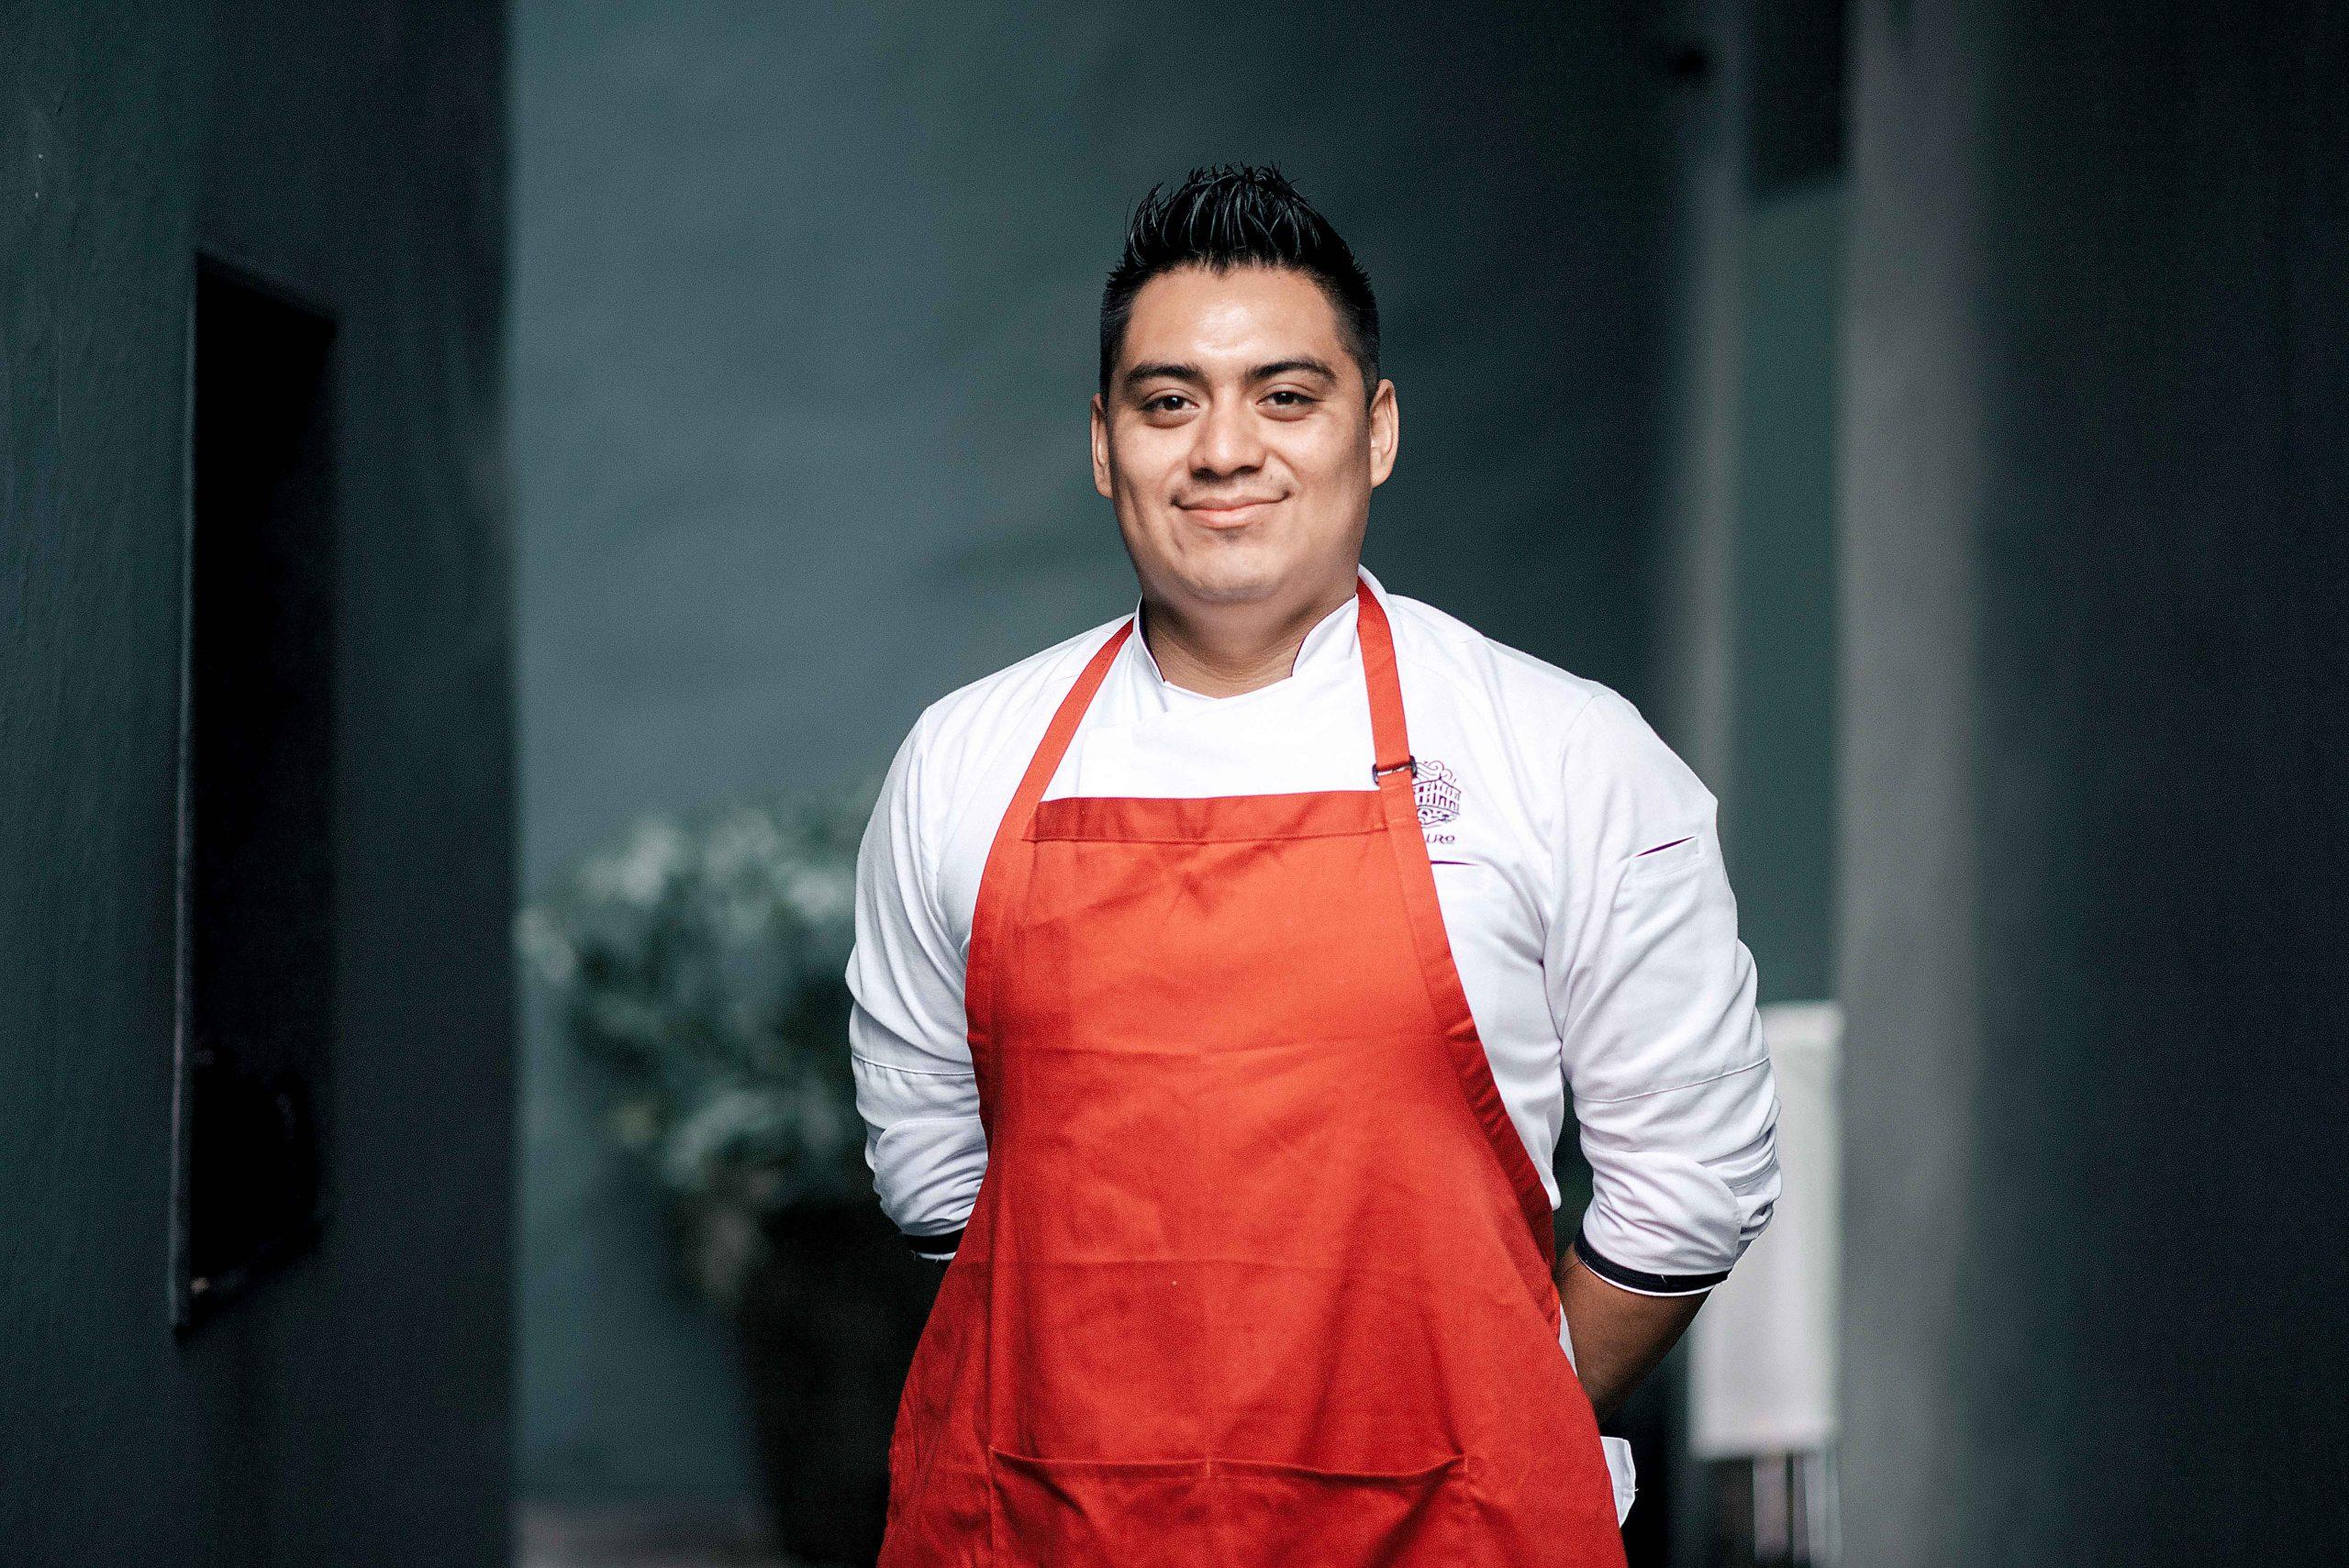 Chef Carlos Allende